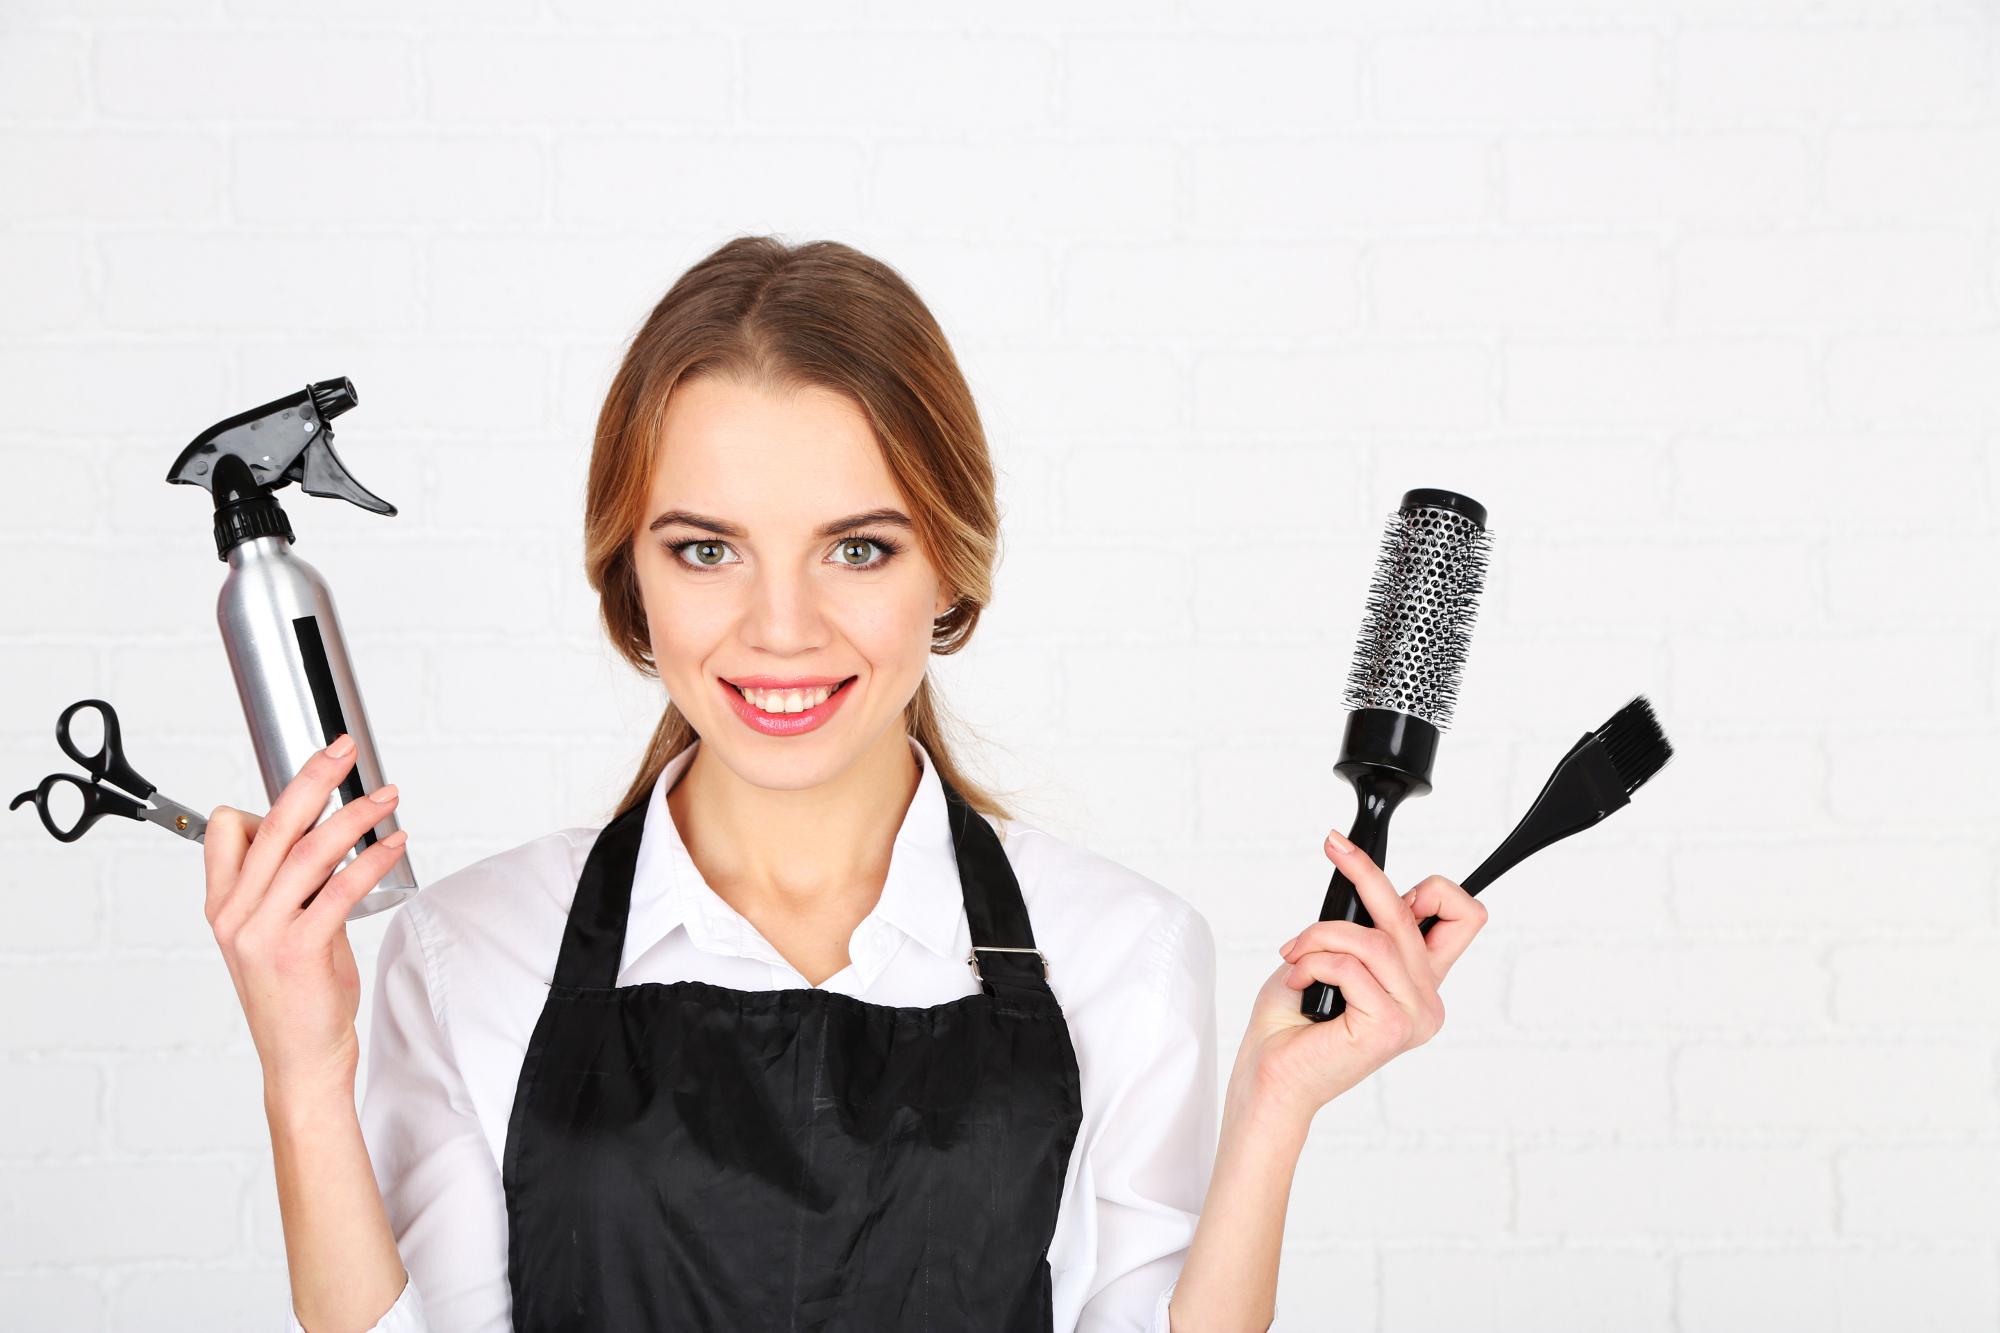 будет полезно фотографии про парикмахеров смешные сценки